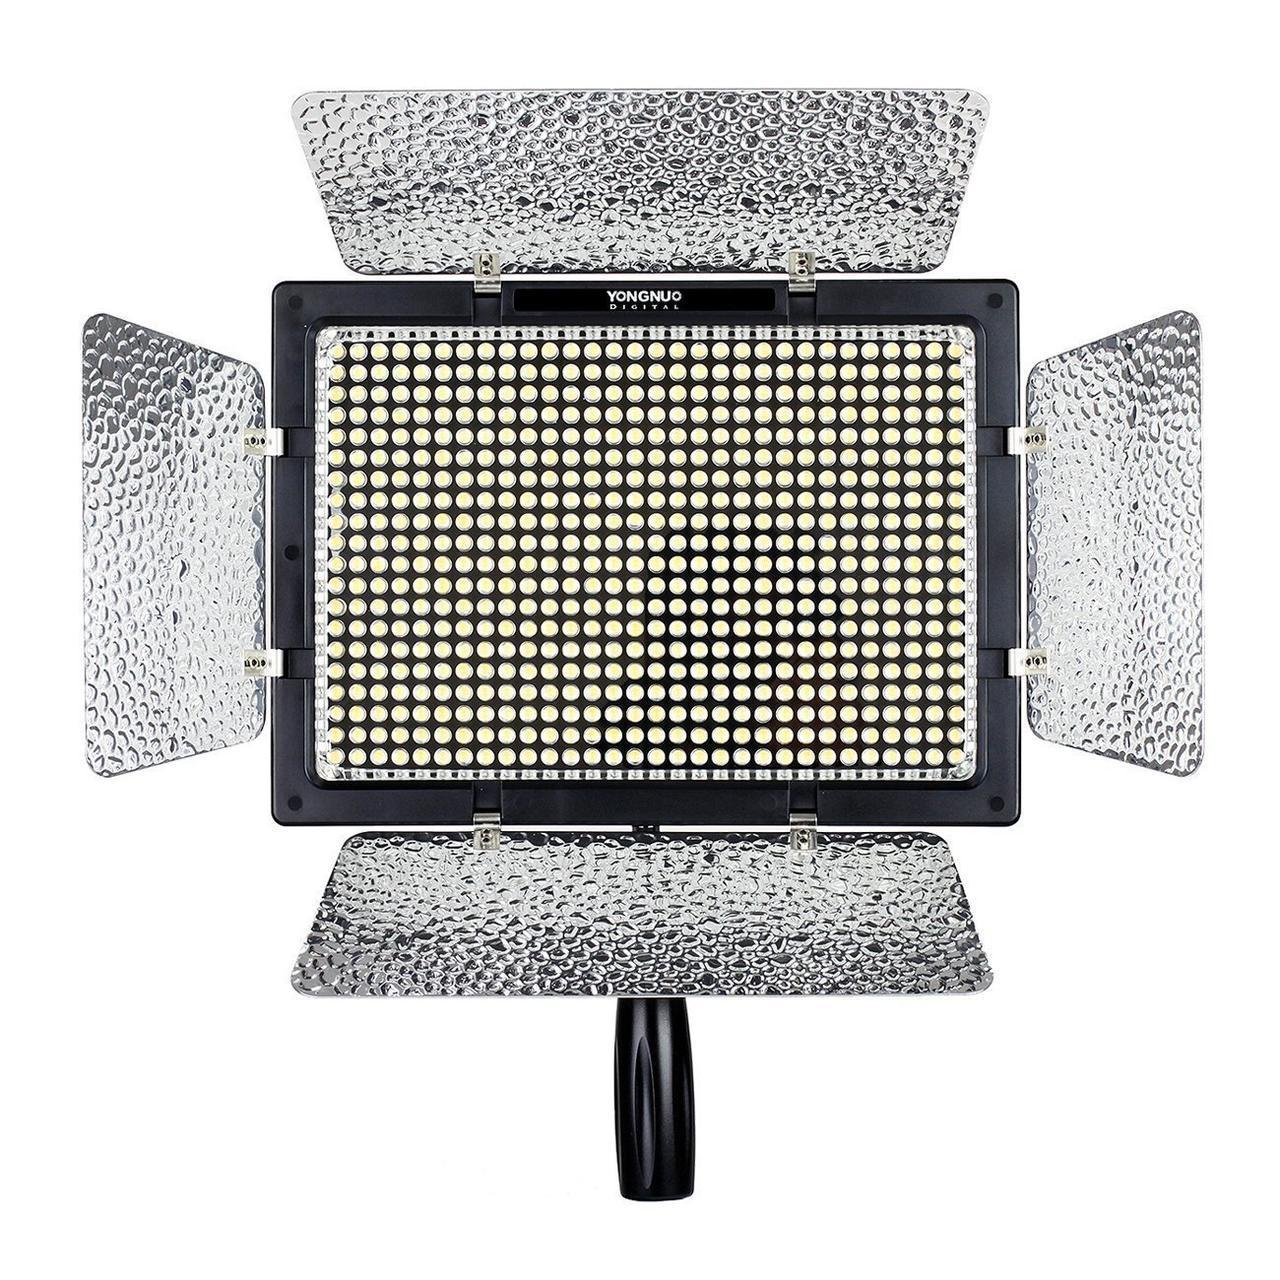 Постоянный накамерный свет, LED панель Yongnuo YN-600L II (bi-color) с bluetooth управлением через телефон.